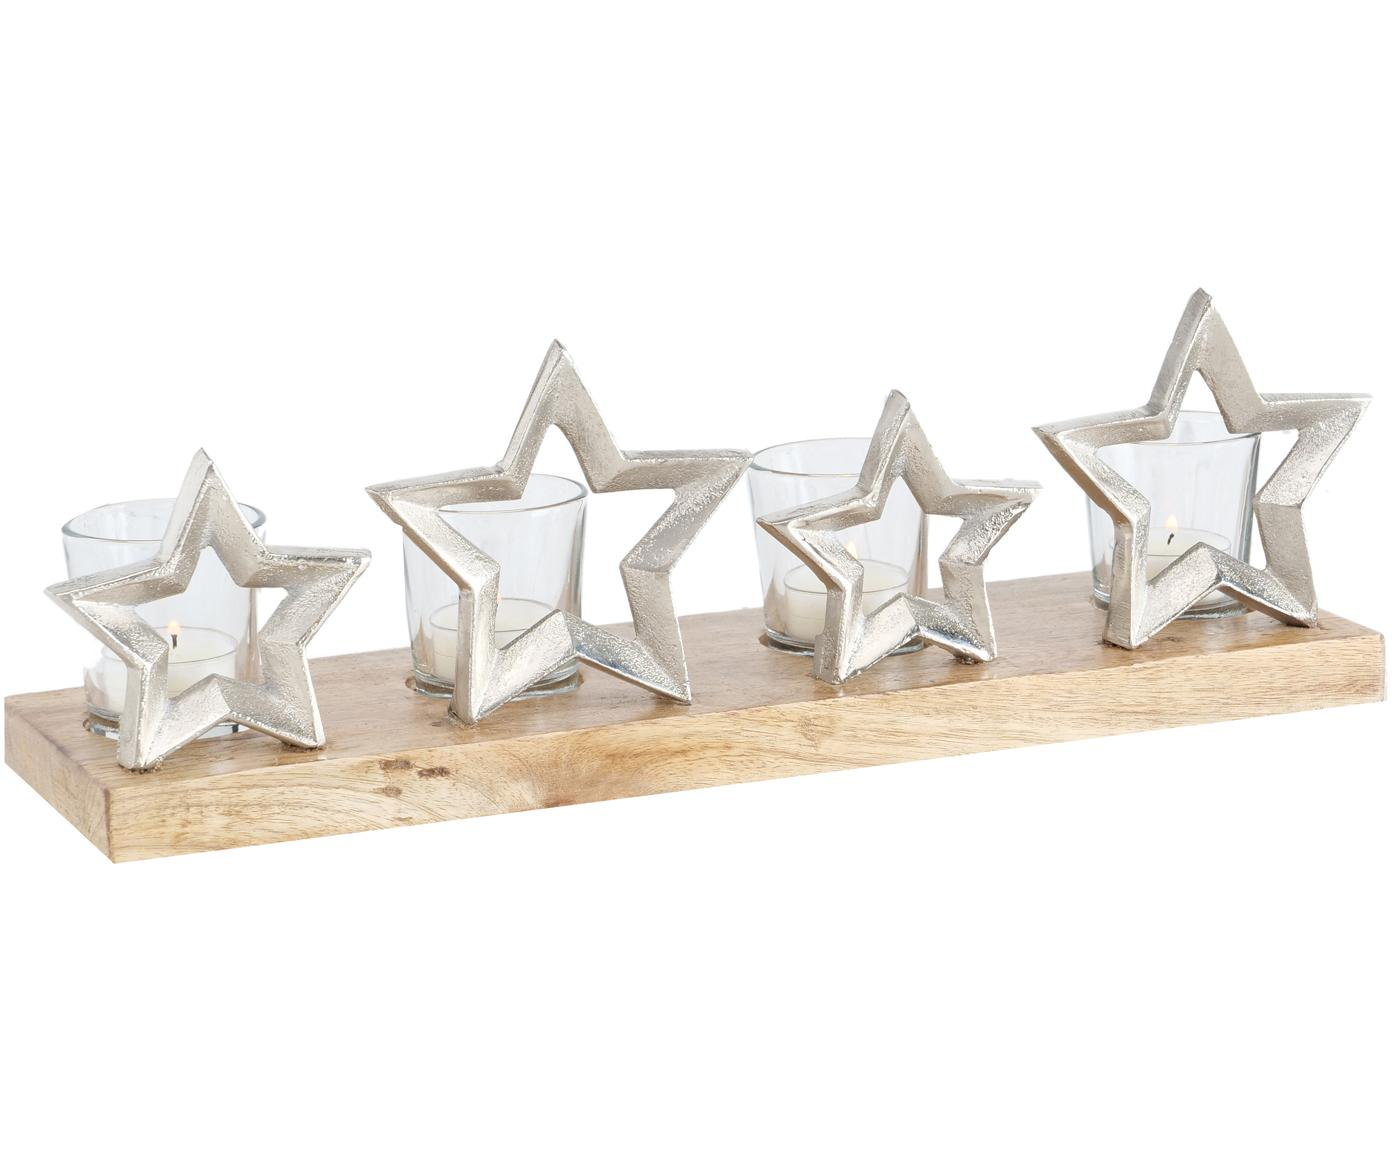 Teelichthalter-Set Janna, 5-tlg., Tablett: Mangoholz, Aluminium, Windlicht: Glas, Mangoholz, Aluminium, Transparent, 42 x 14 cm